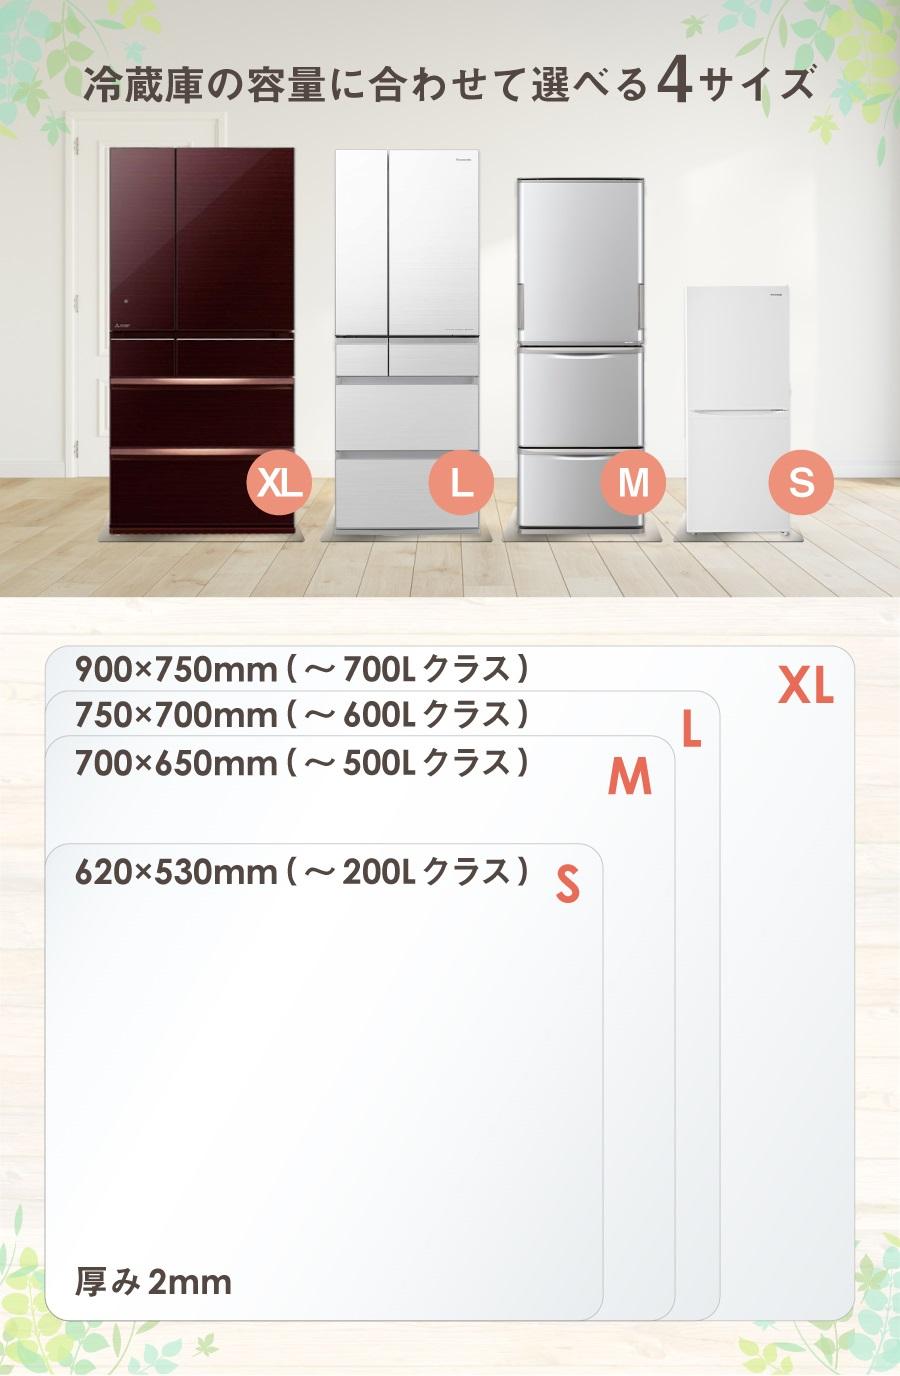 送料無料 冷蔵庫 マット 透明 LL XLサイズ (〜700Lクラス) 900×750×2mm キズ 凹み へこみ 防止 すべり止めシール付 1年保証  冷蔵庫マット 冷蔵庫 防音マット 防音シート ポリカーボネイト 置台 賃貸 引越 新居 ALC040-XL